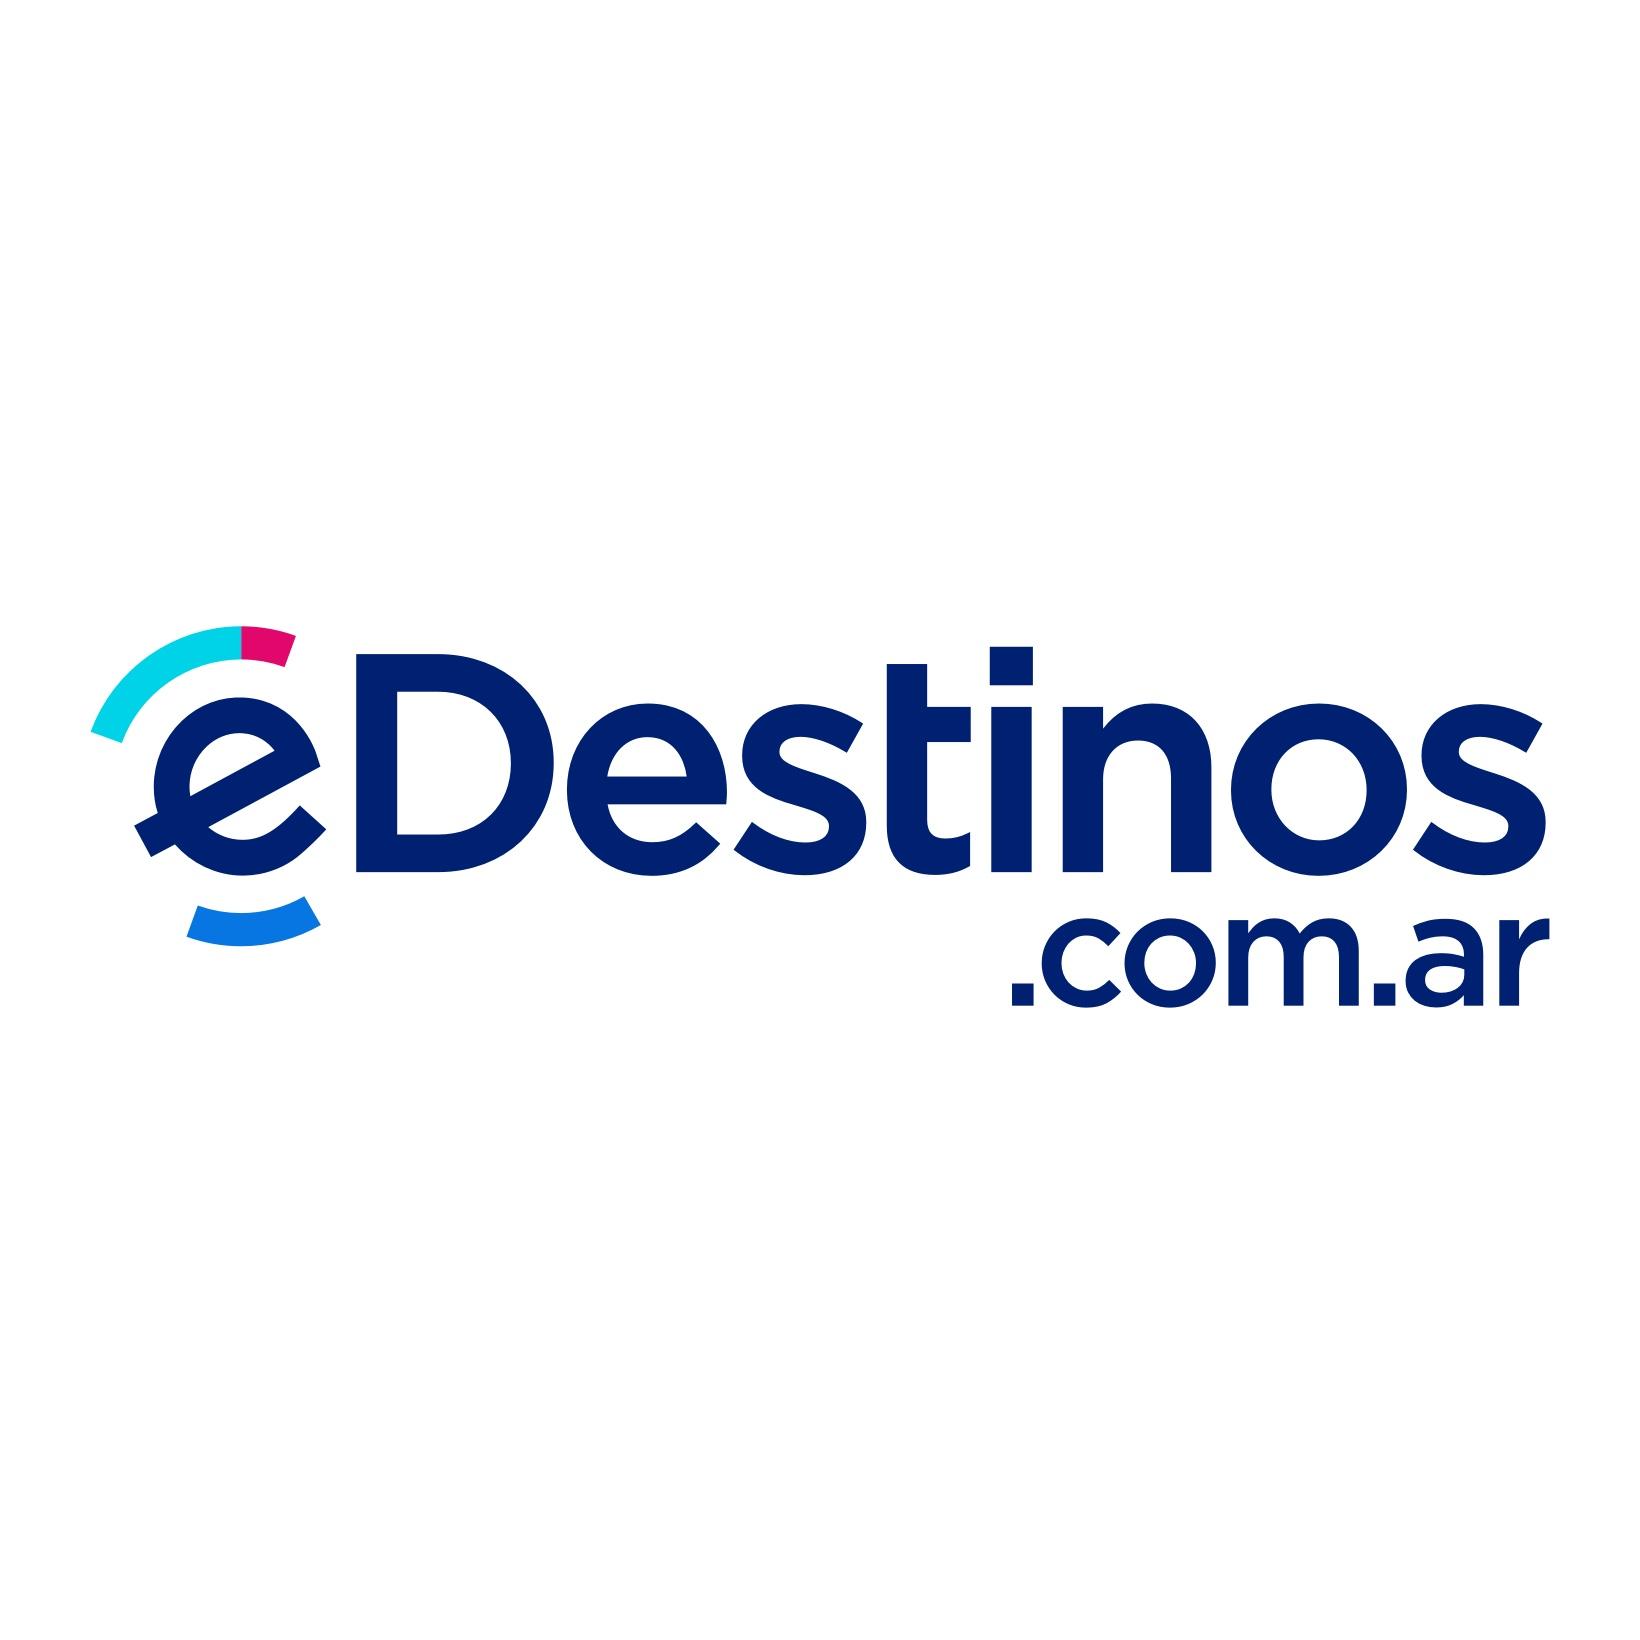 (c) Edestinos.com.ar